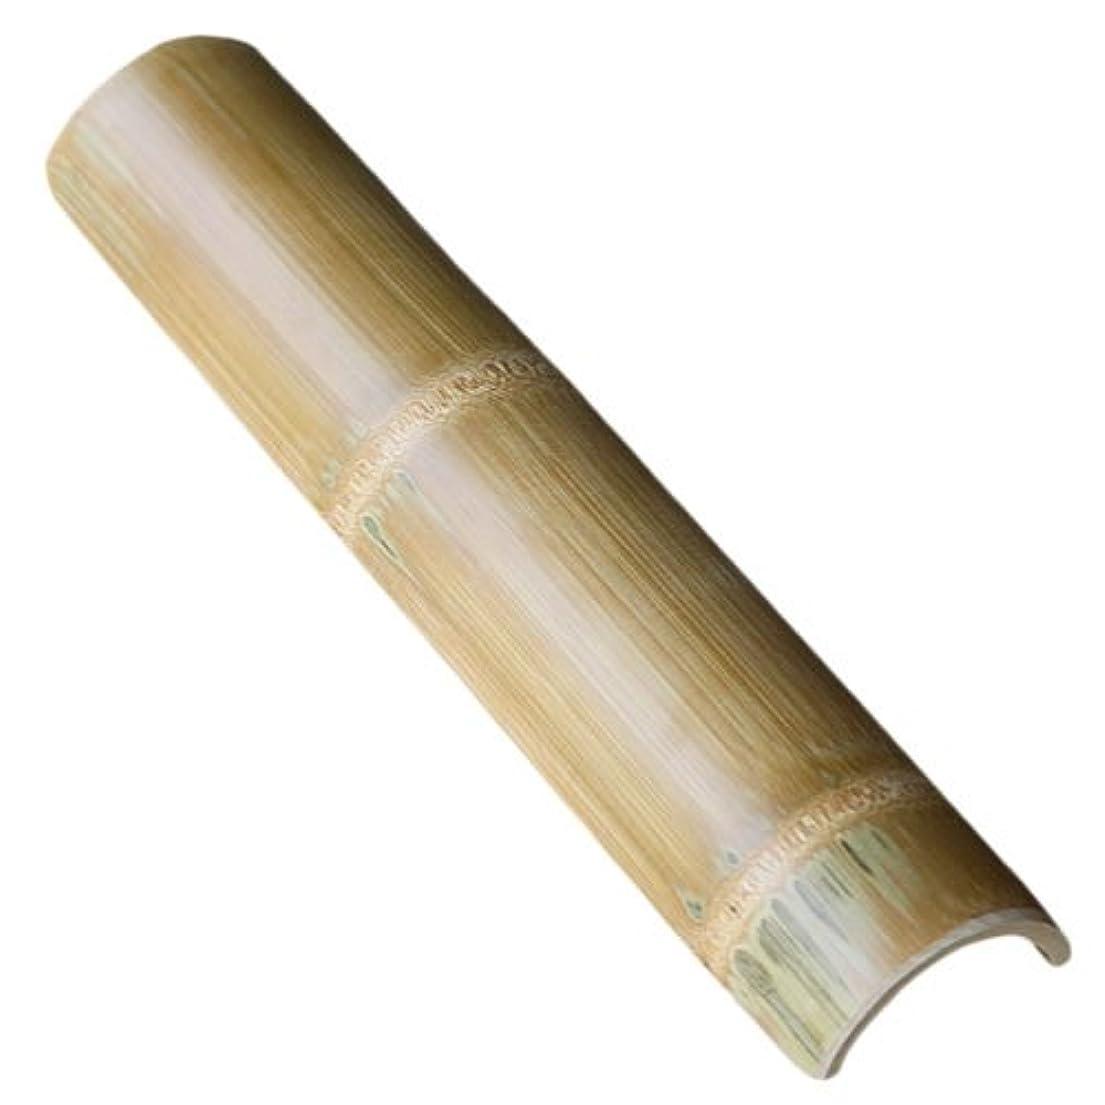 エンドテーブル熱関係する【国産】青竹を炭化加工して防虫、防カビ効果を向上させて美しく磨き上げています竹踏み(炭化竹)